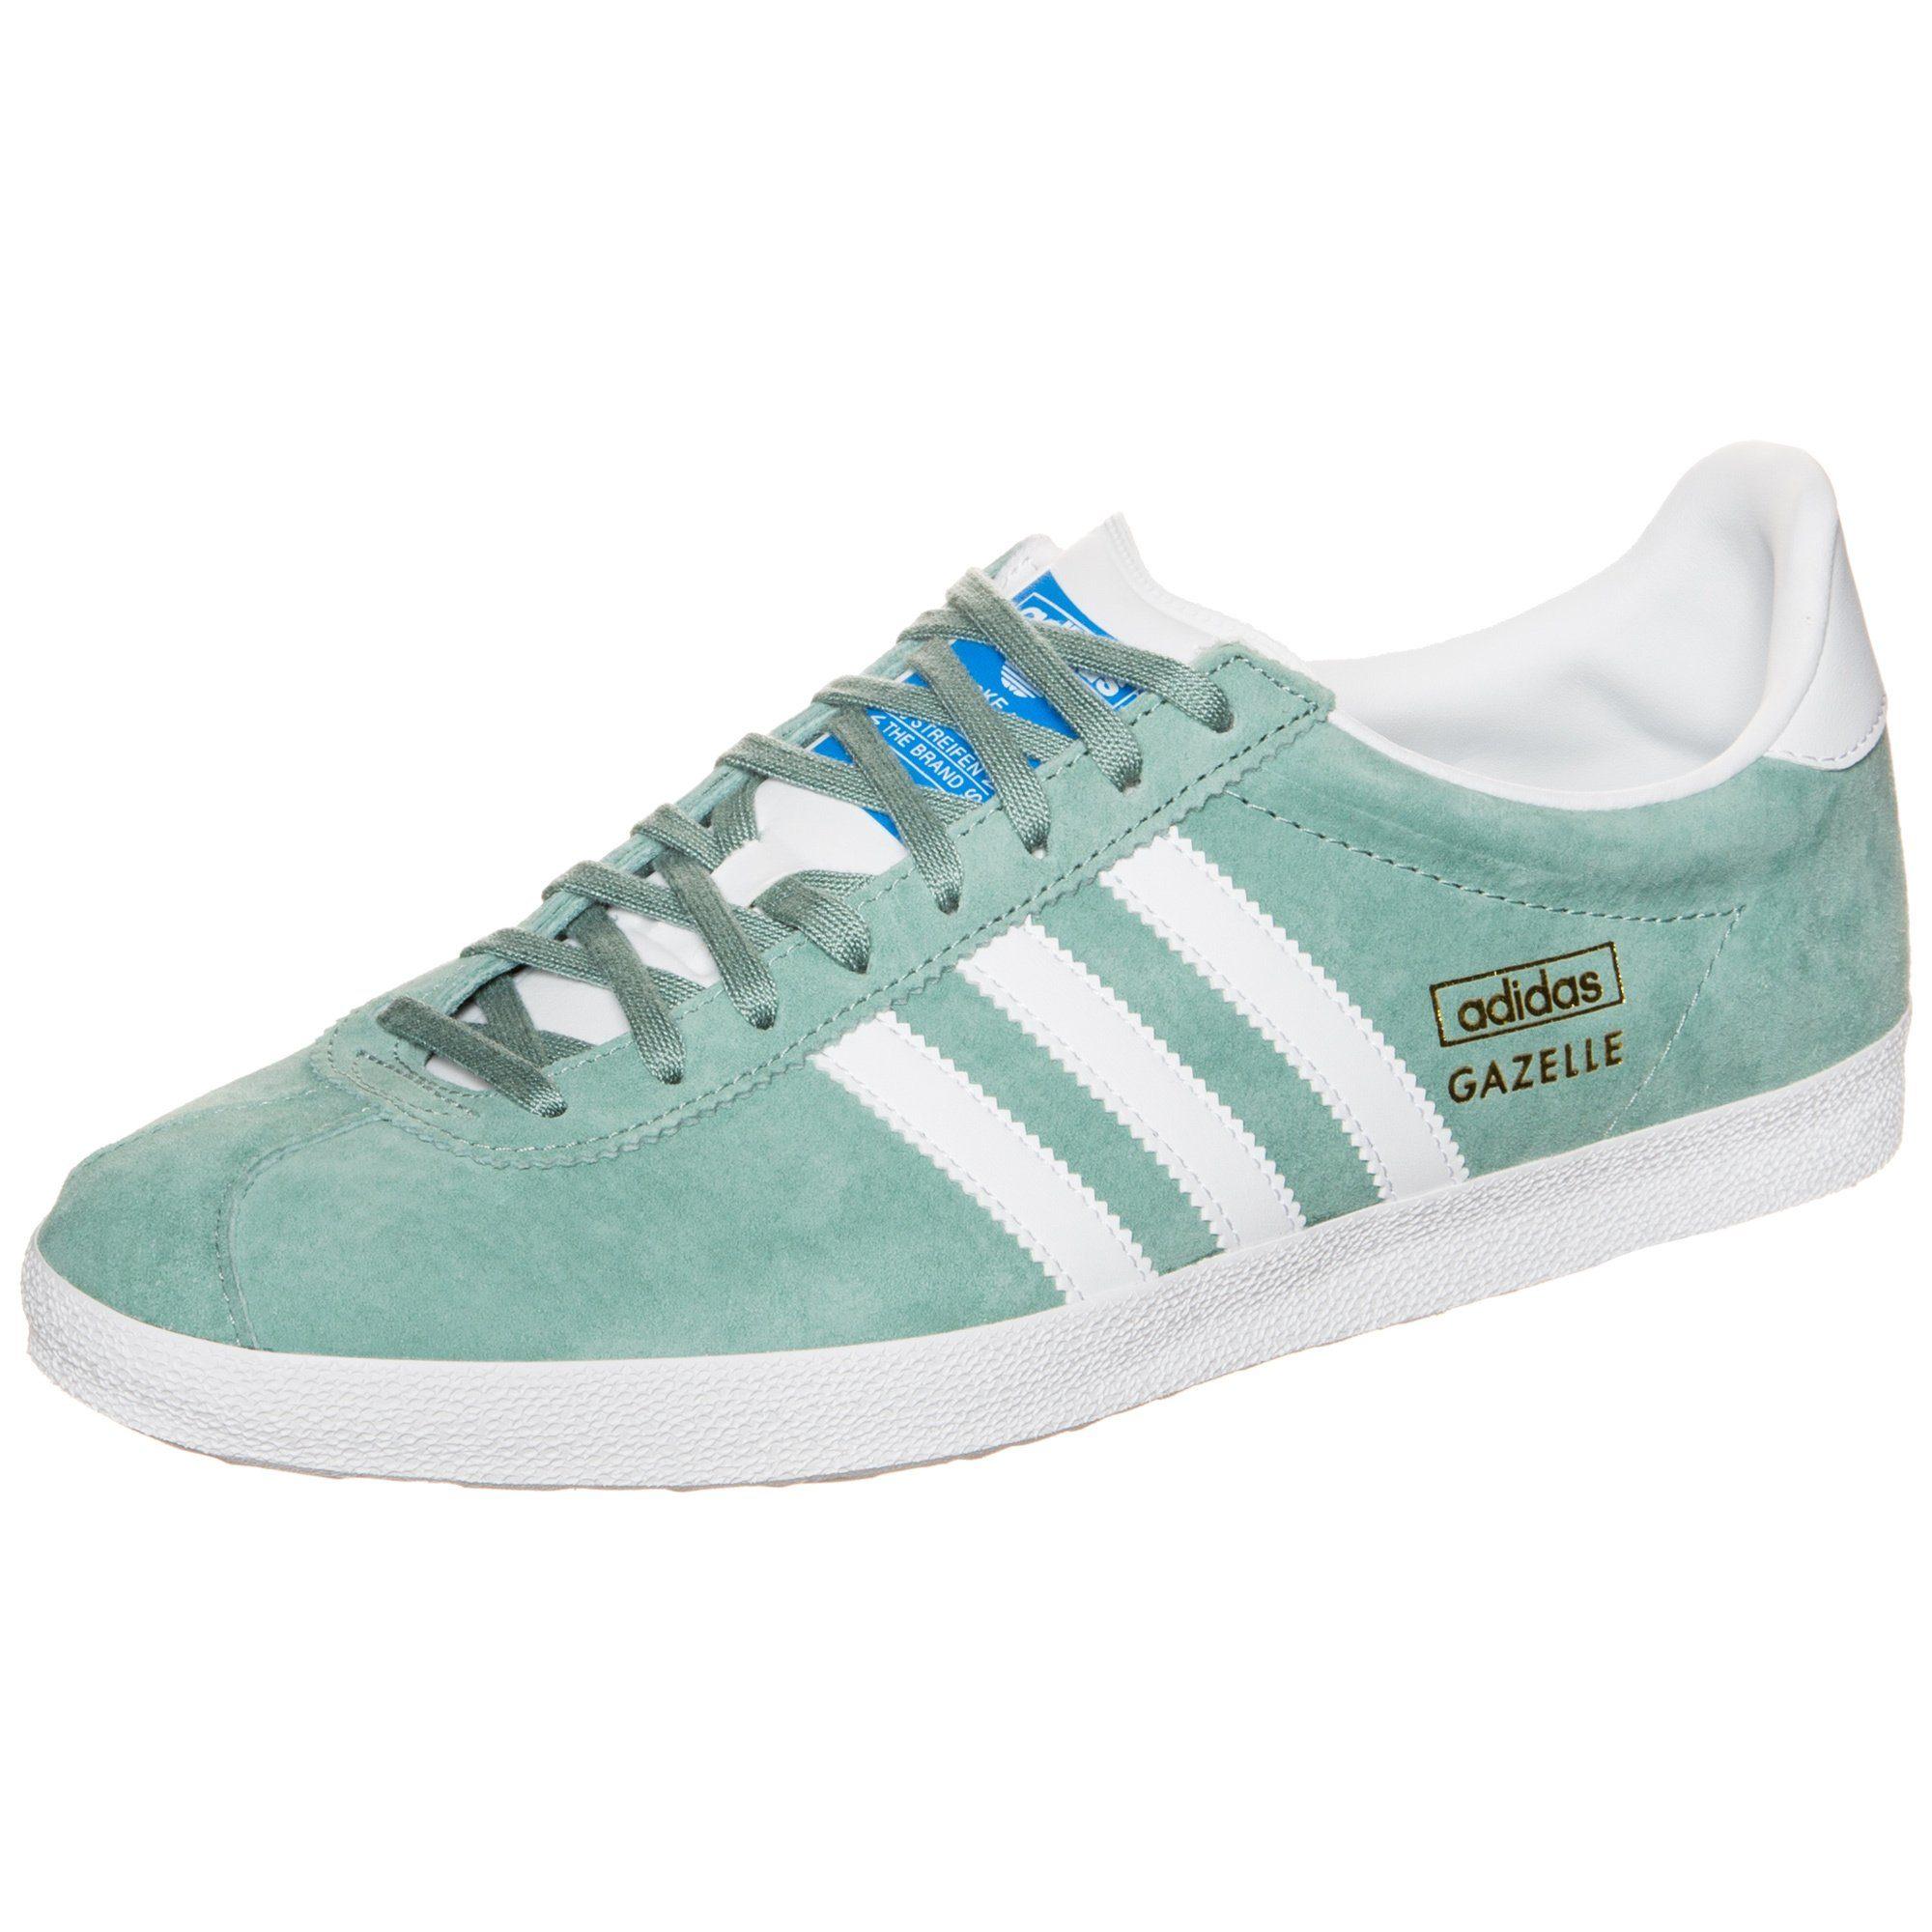 adidas Originals Gazelle OG Herren Sneakers